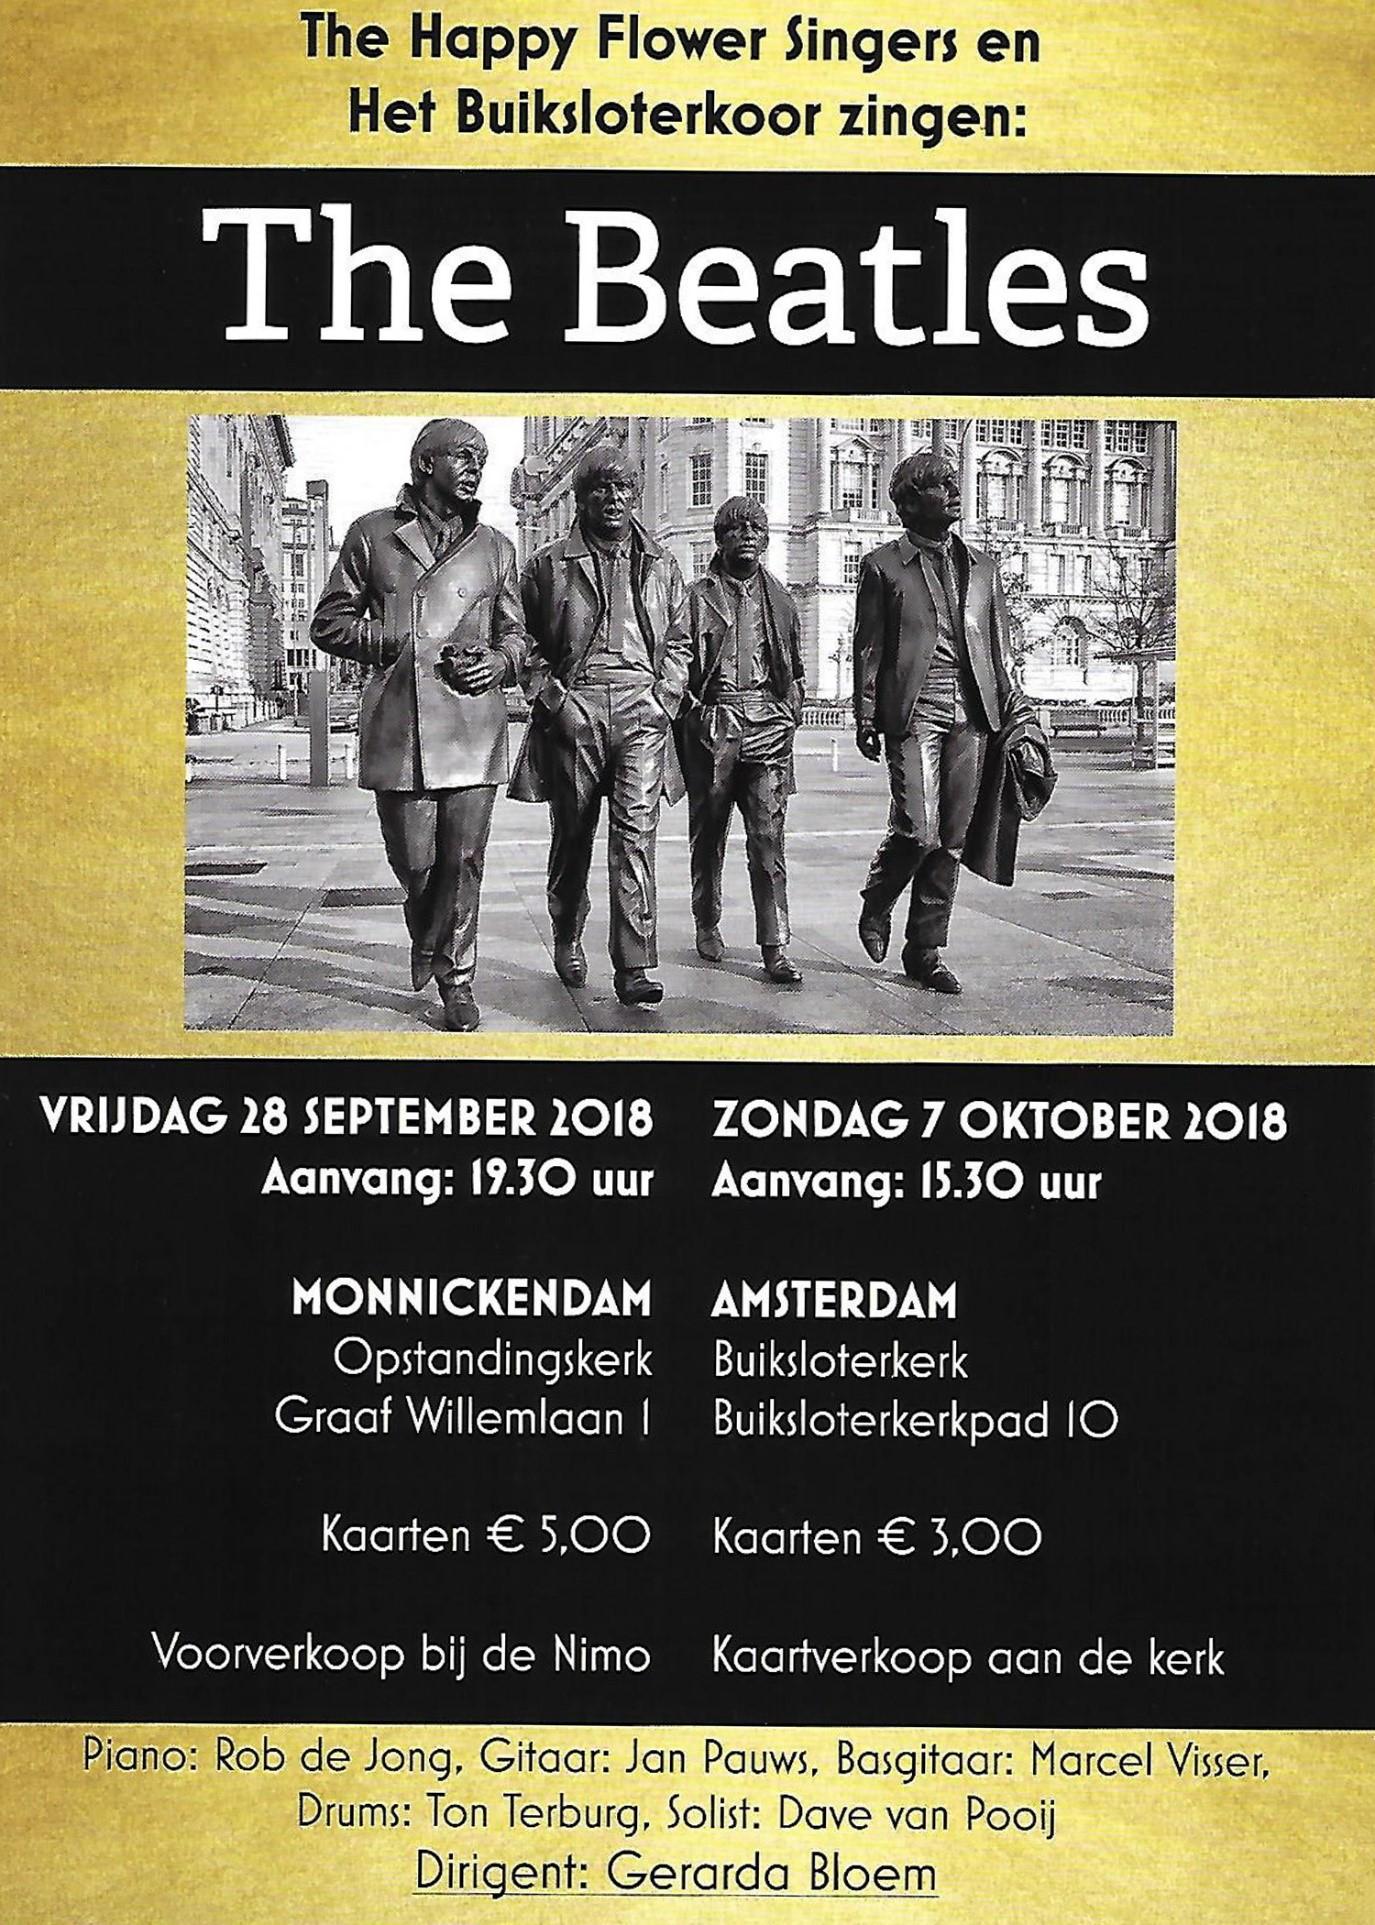 Bekende en minder bekende liederen van de The Beatles komen voorbij.  (Foto: aangeleverd)